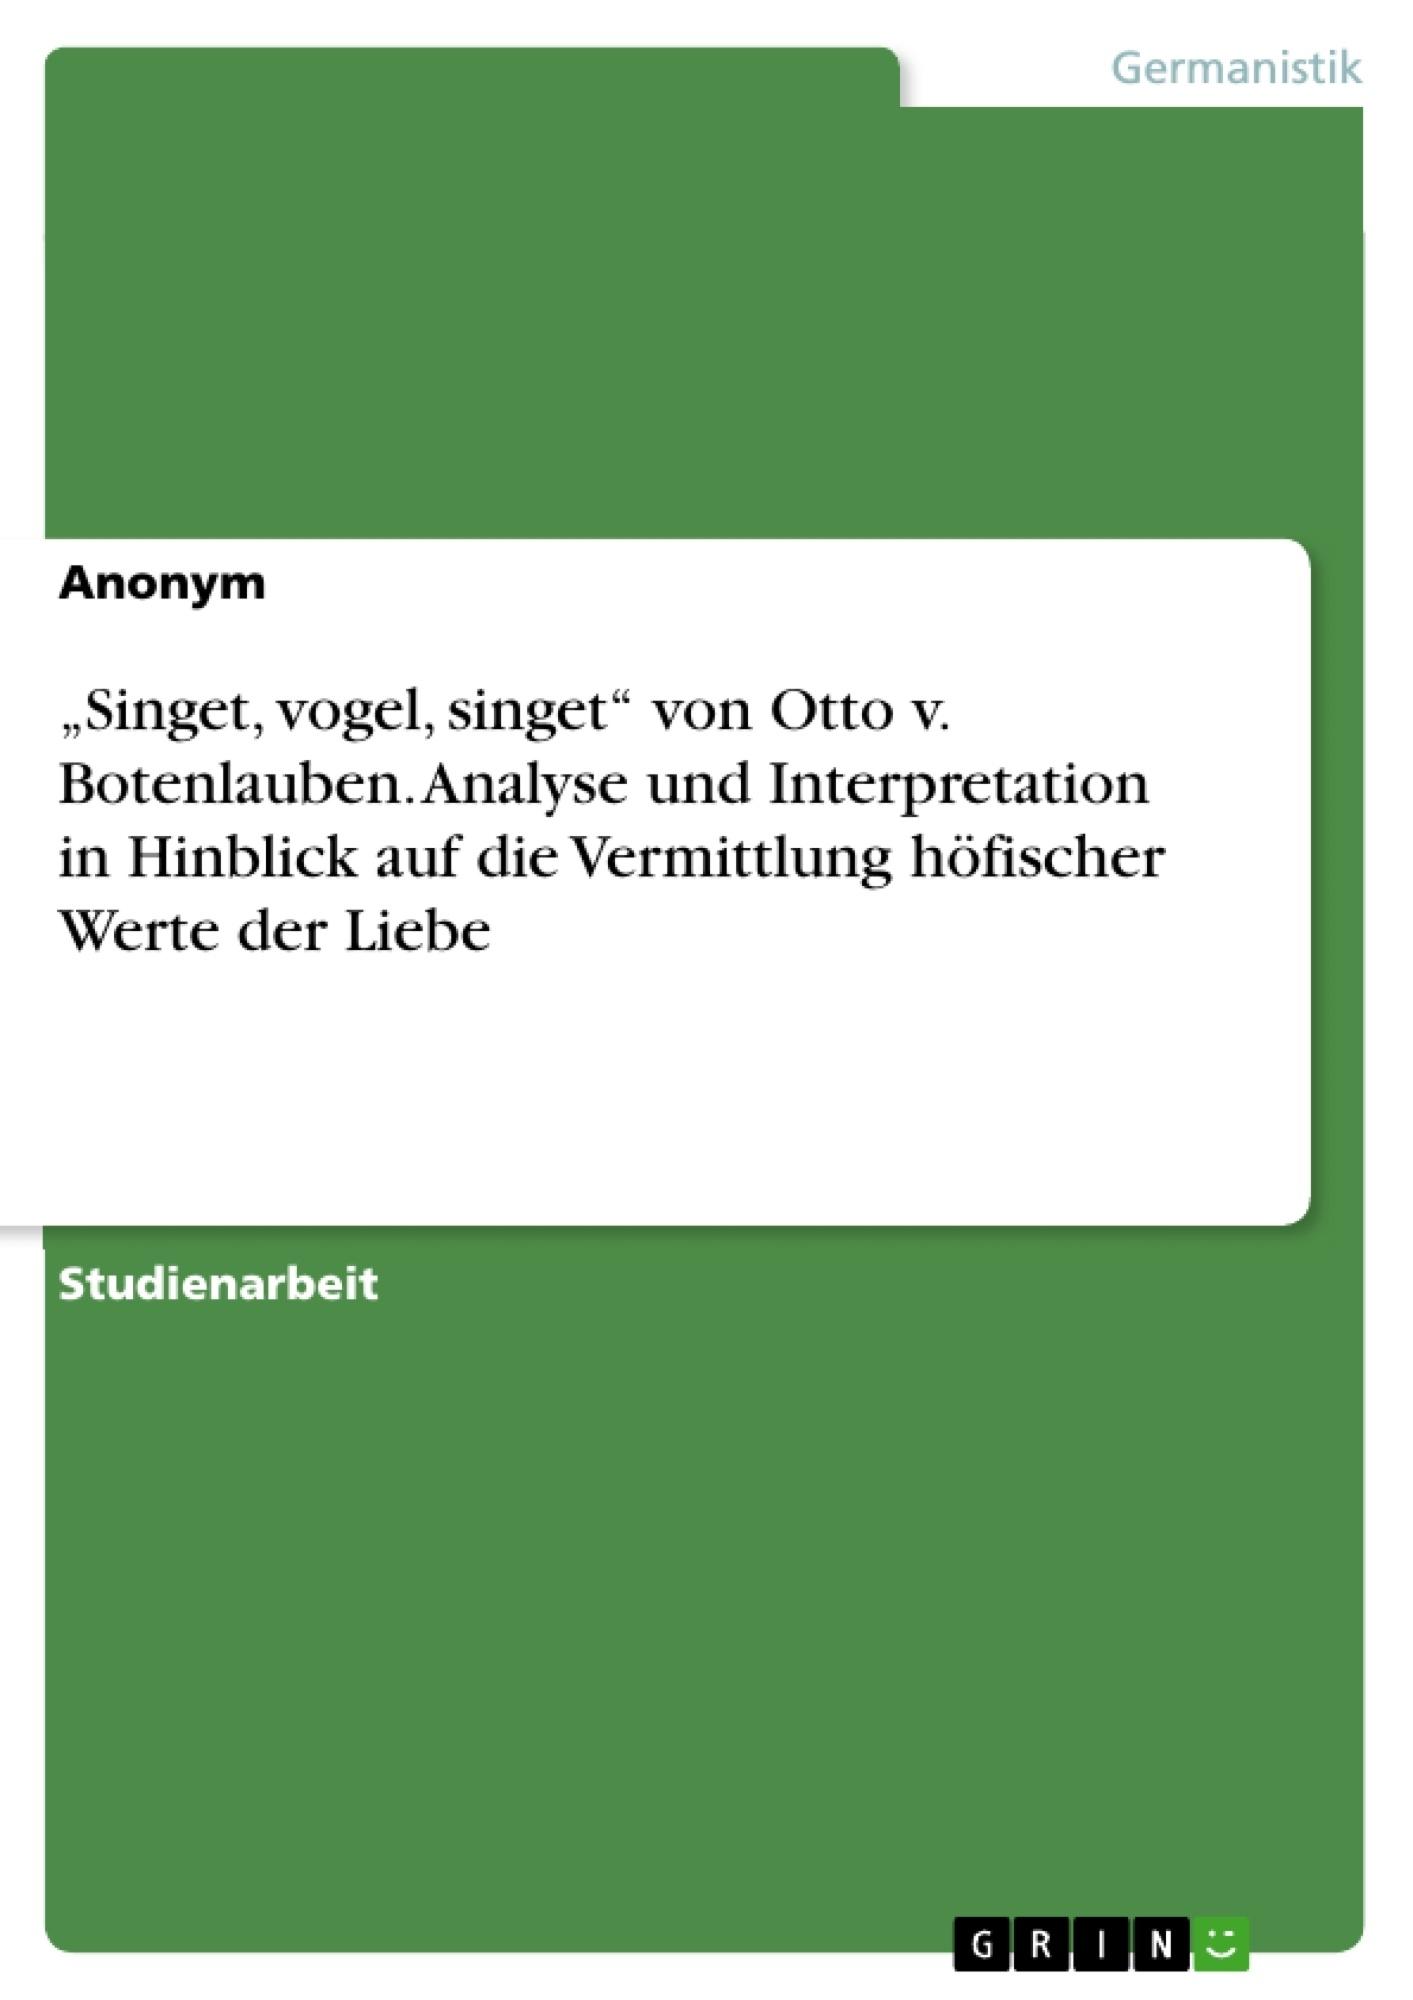 """Titel: """"Singet, vogel, singet"""" von Otto v. Botenlauben. Analyse und Interpretation in Hinblick auf die Vermittlung höfischer Werte der Liebe"""